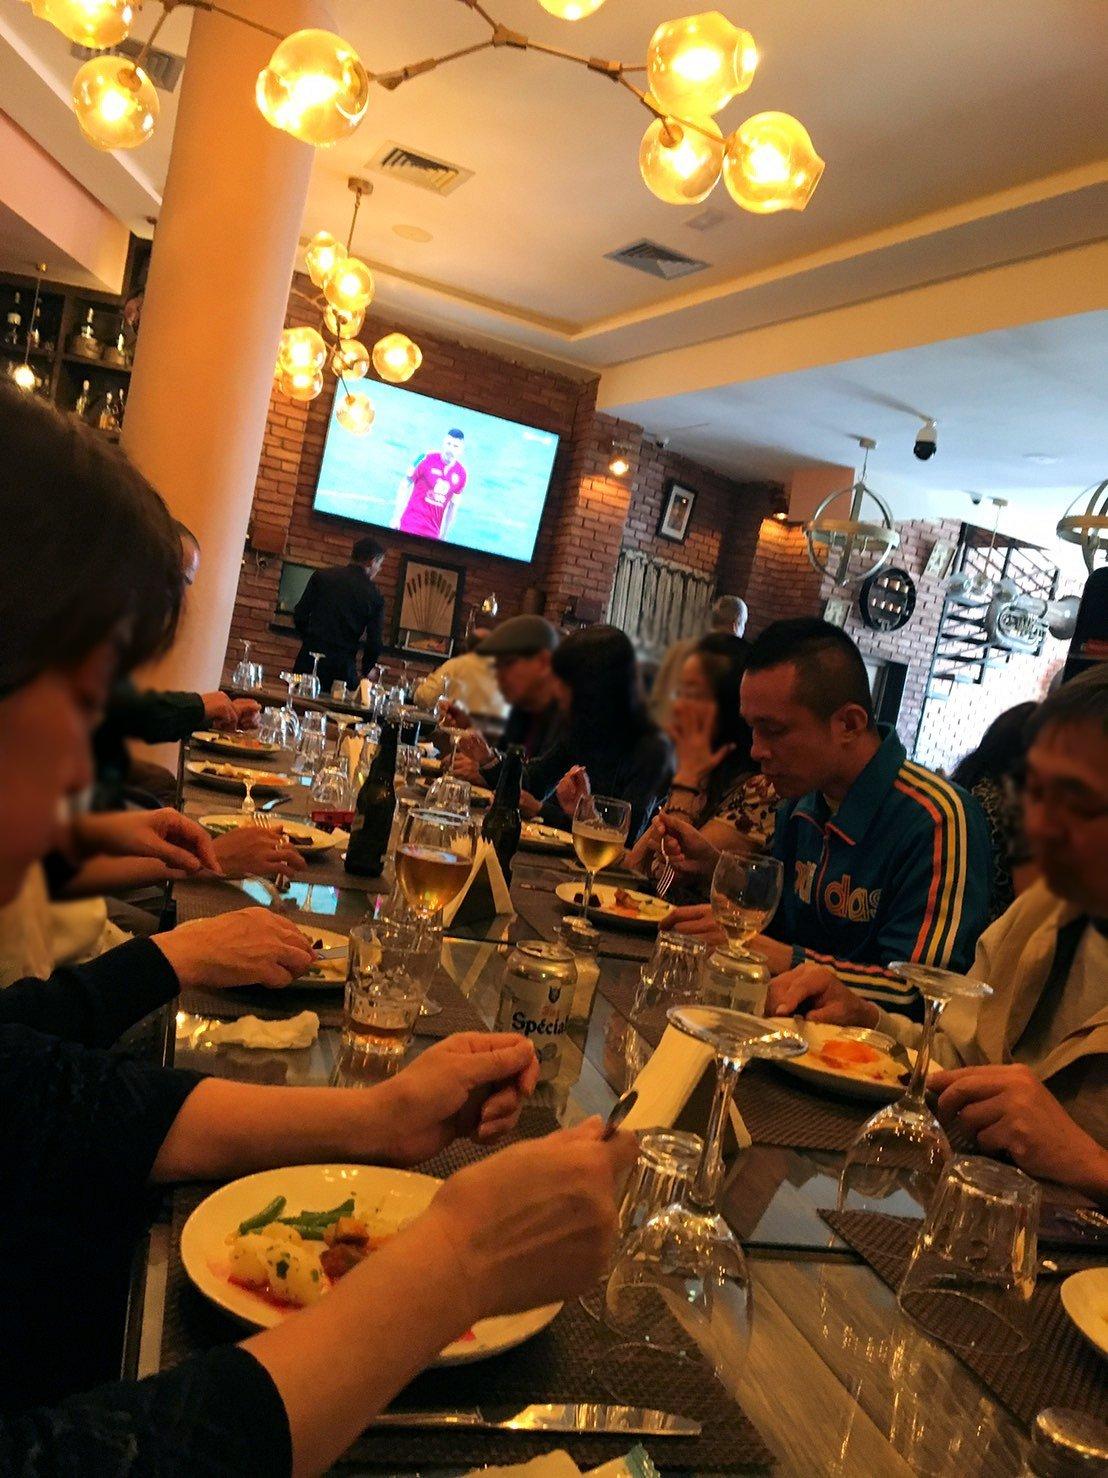 モロッコ・マラケシュで昼食会場での様子6